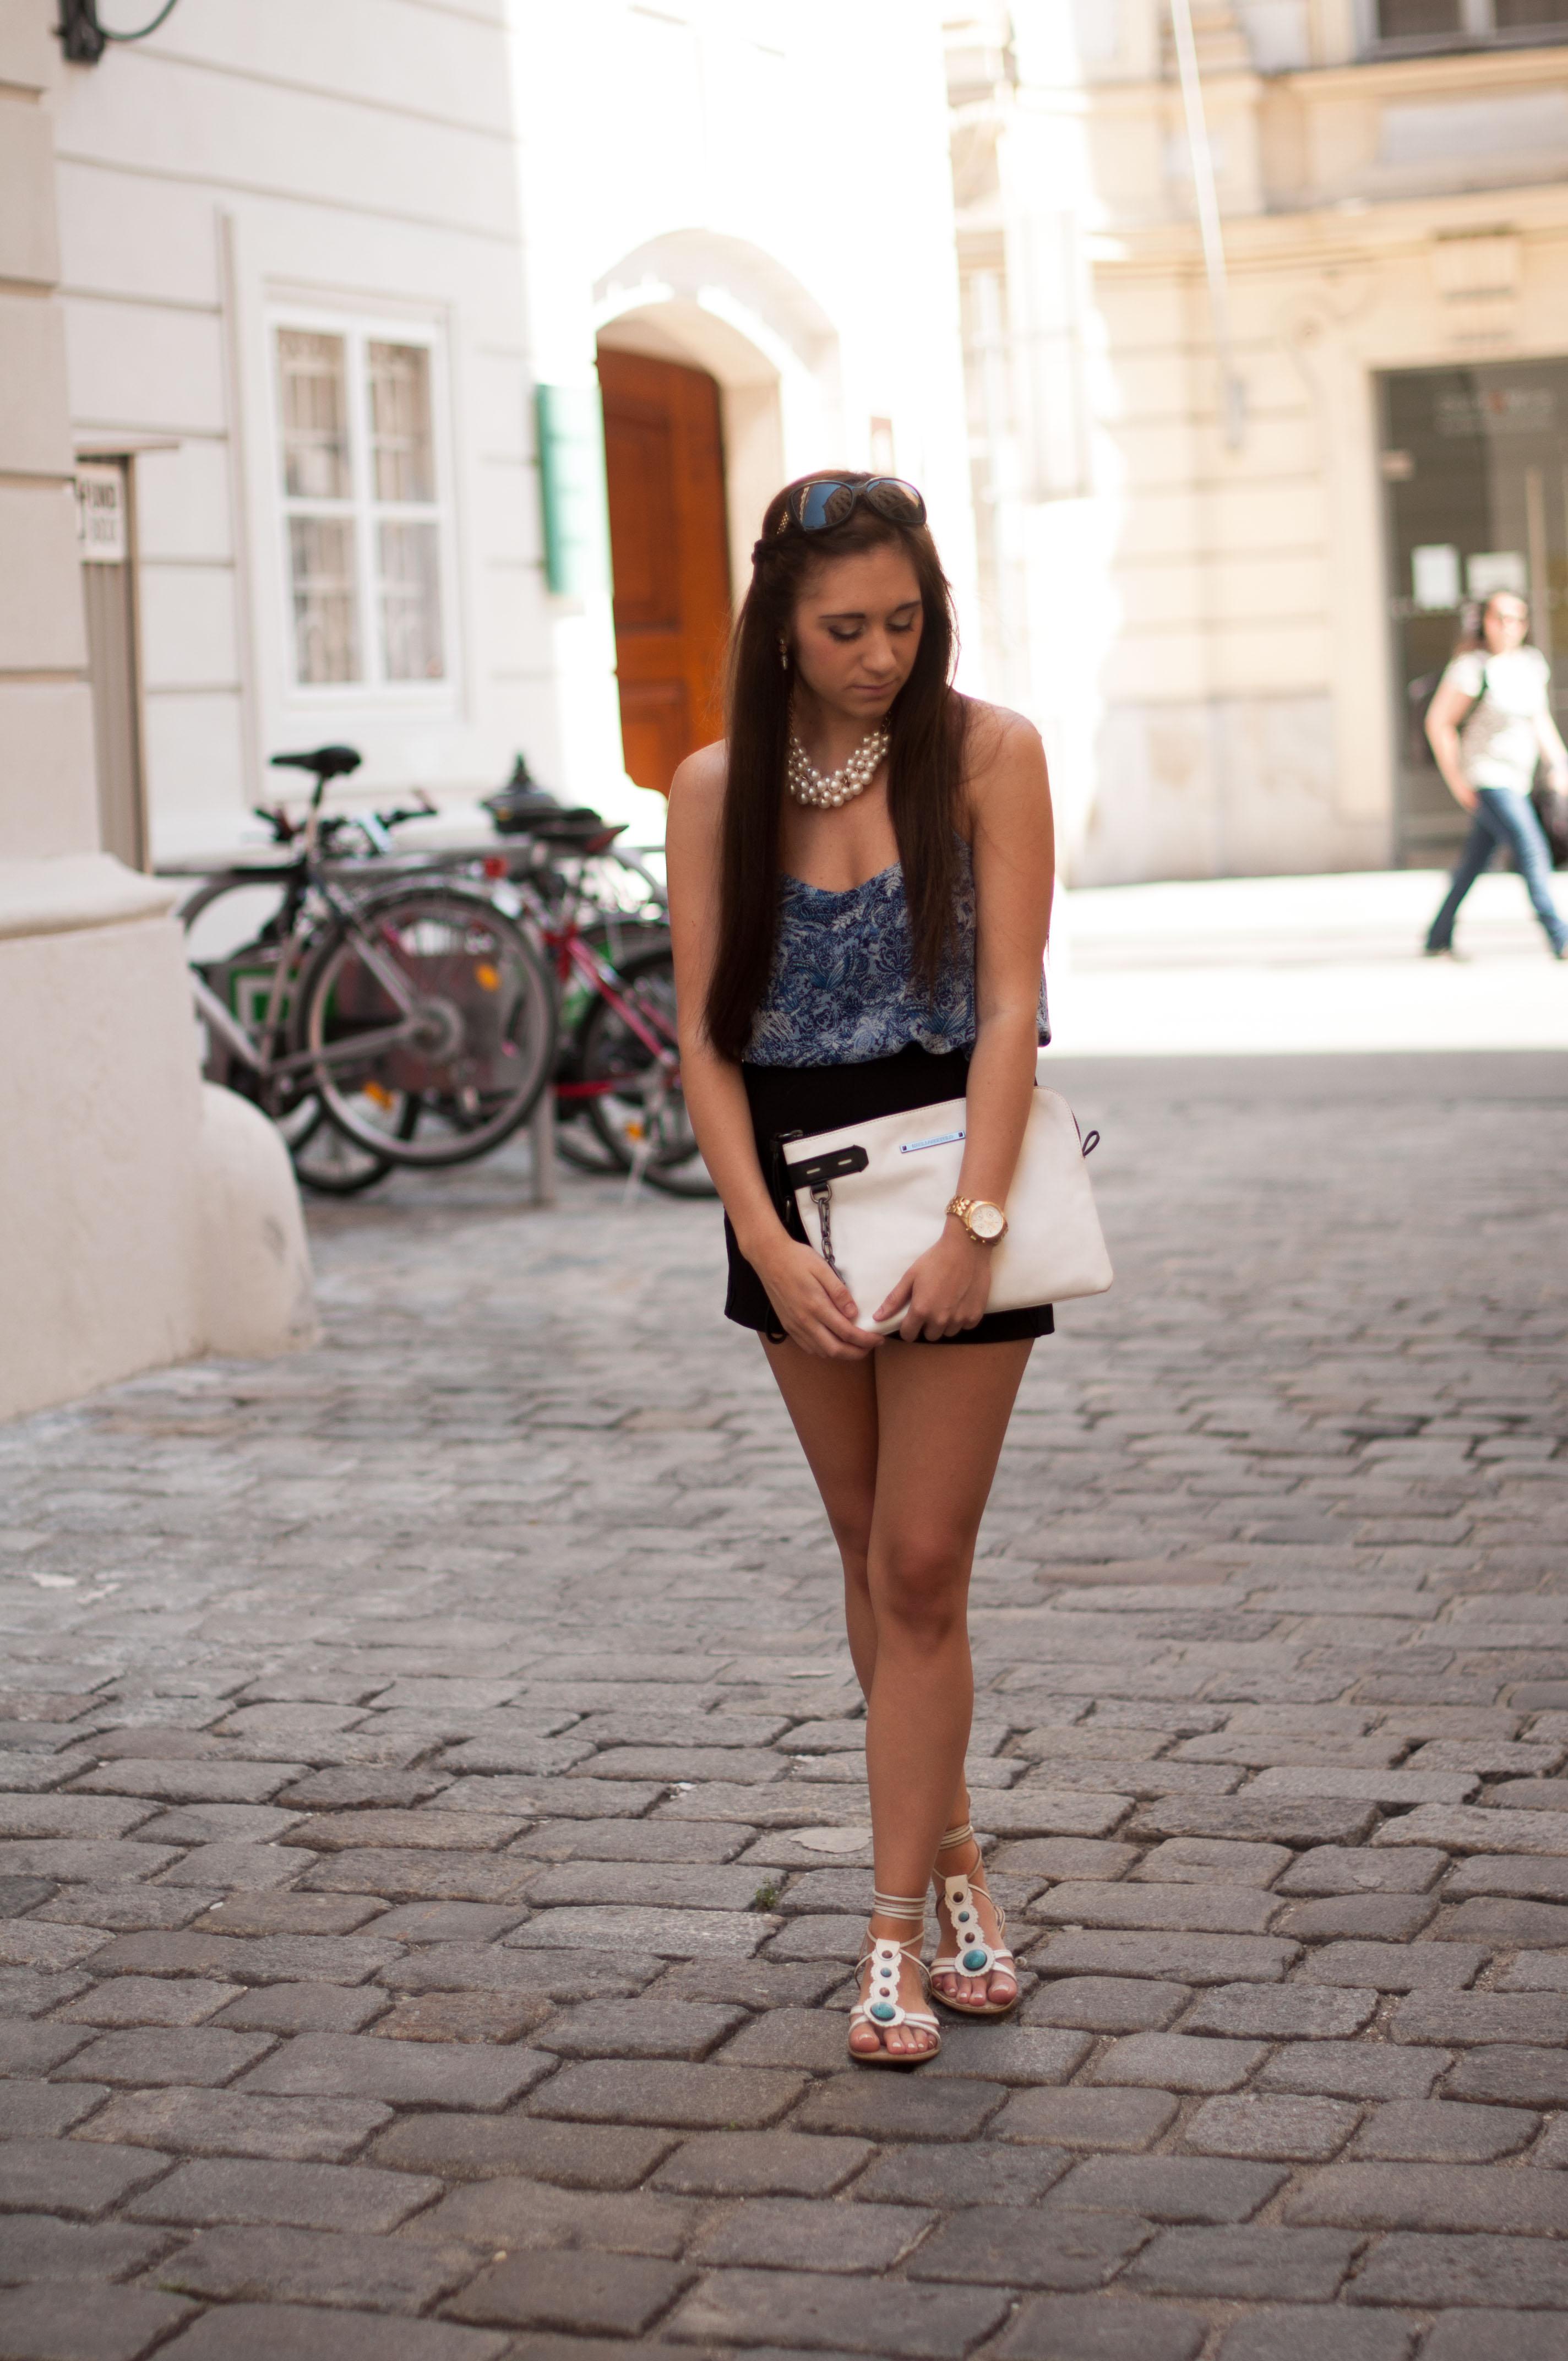 07.07.14_Beatrice_1